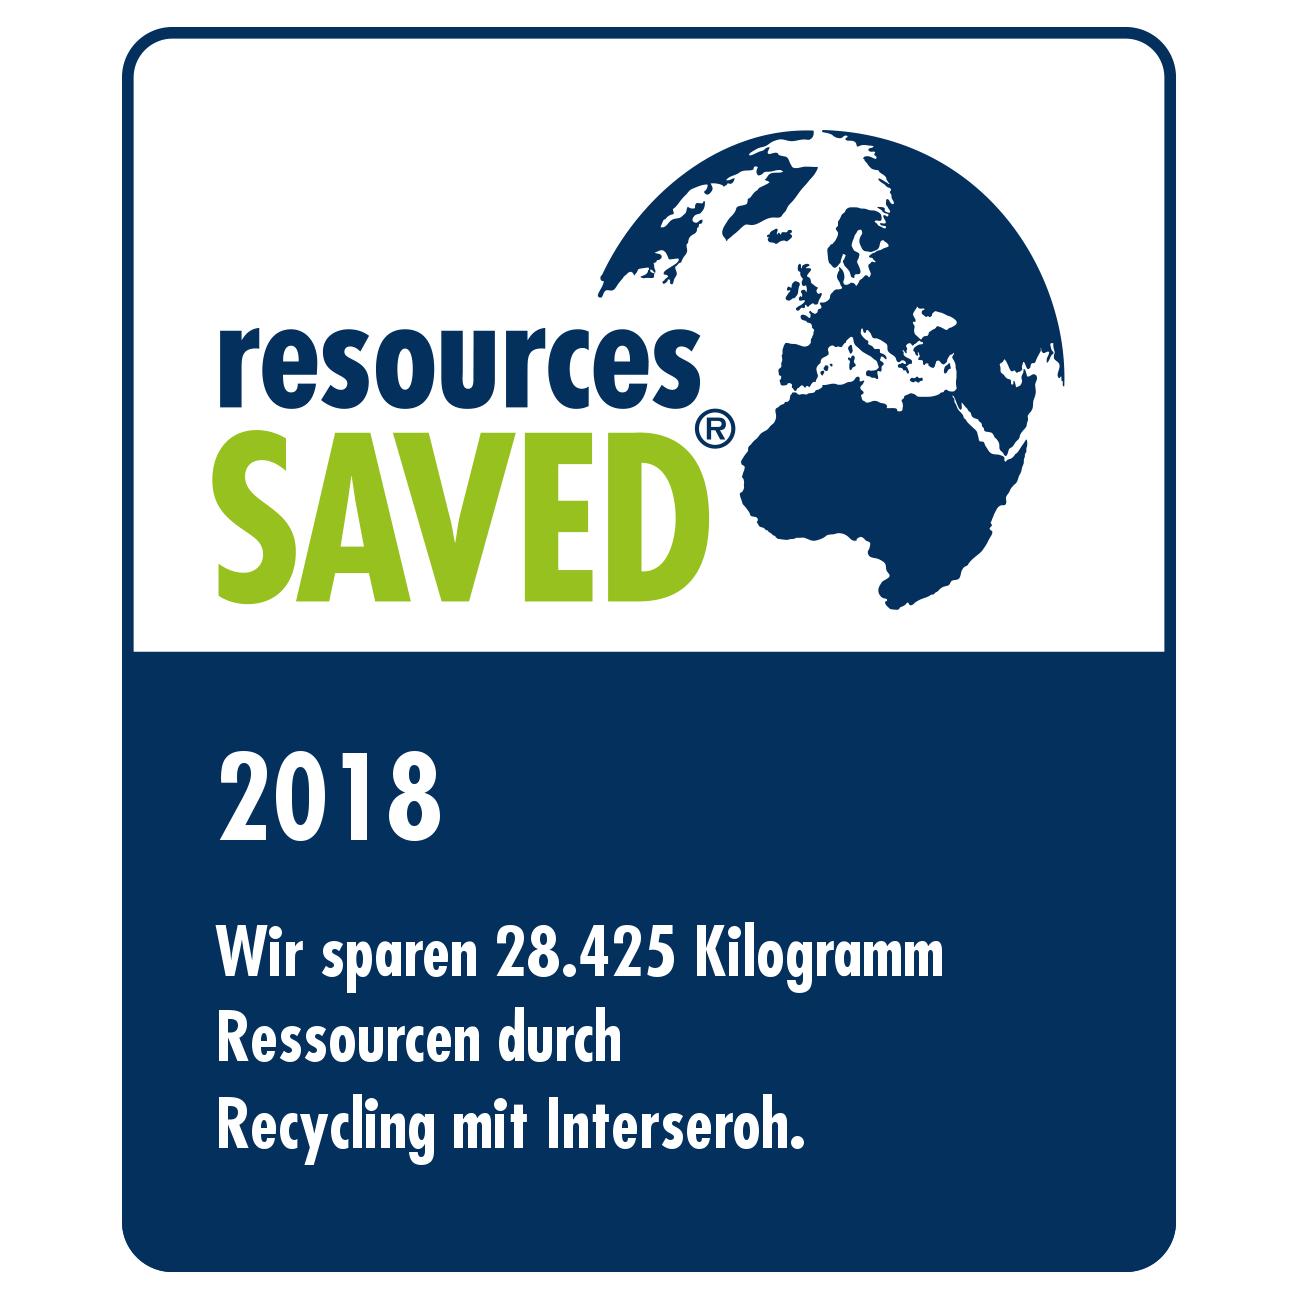 2018 - Eingesparte Ressourcen durch Recycling